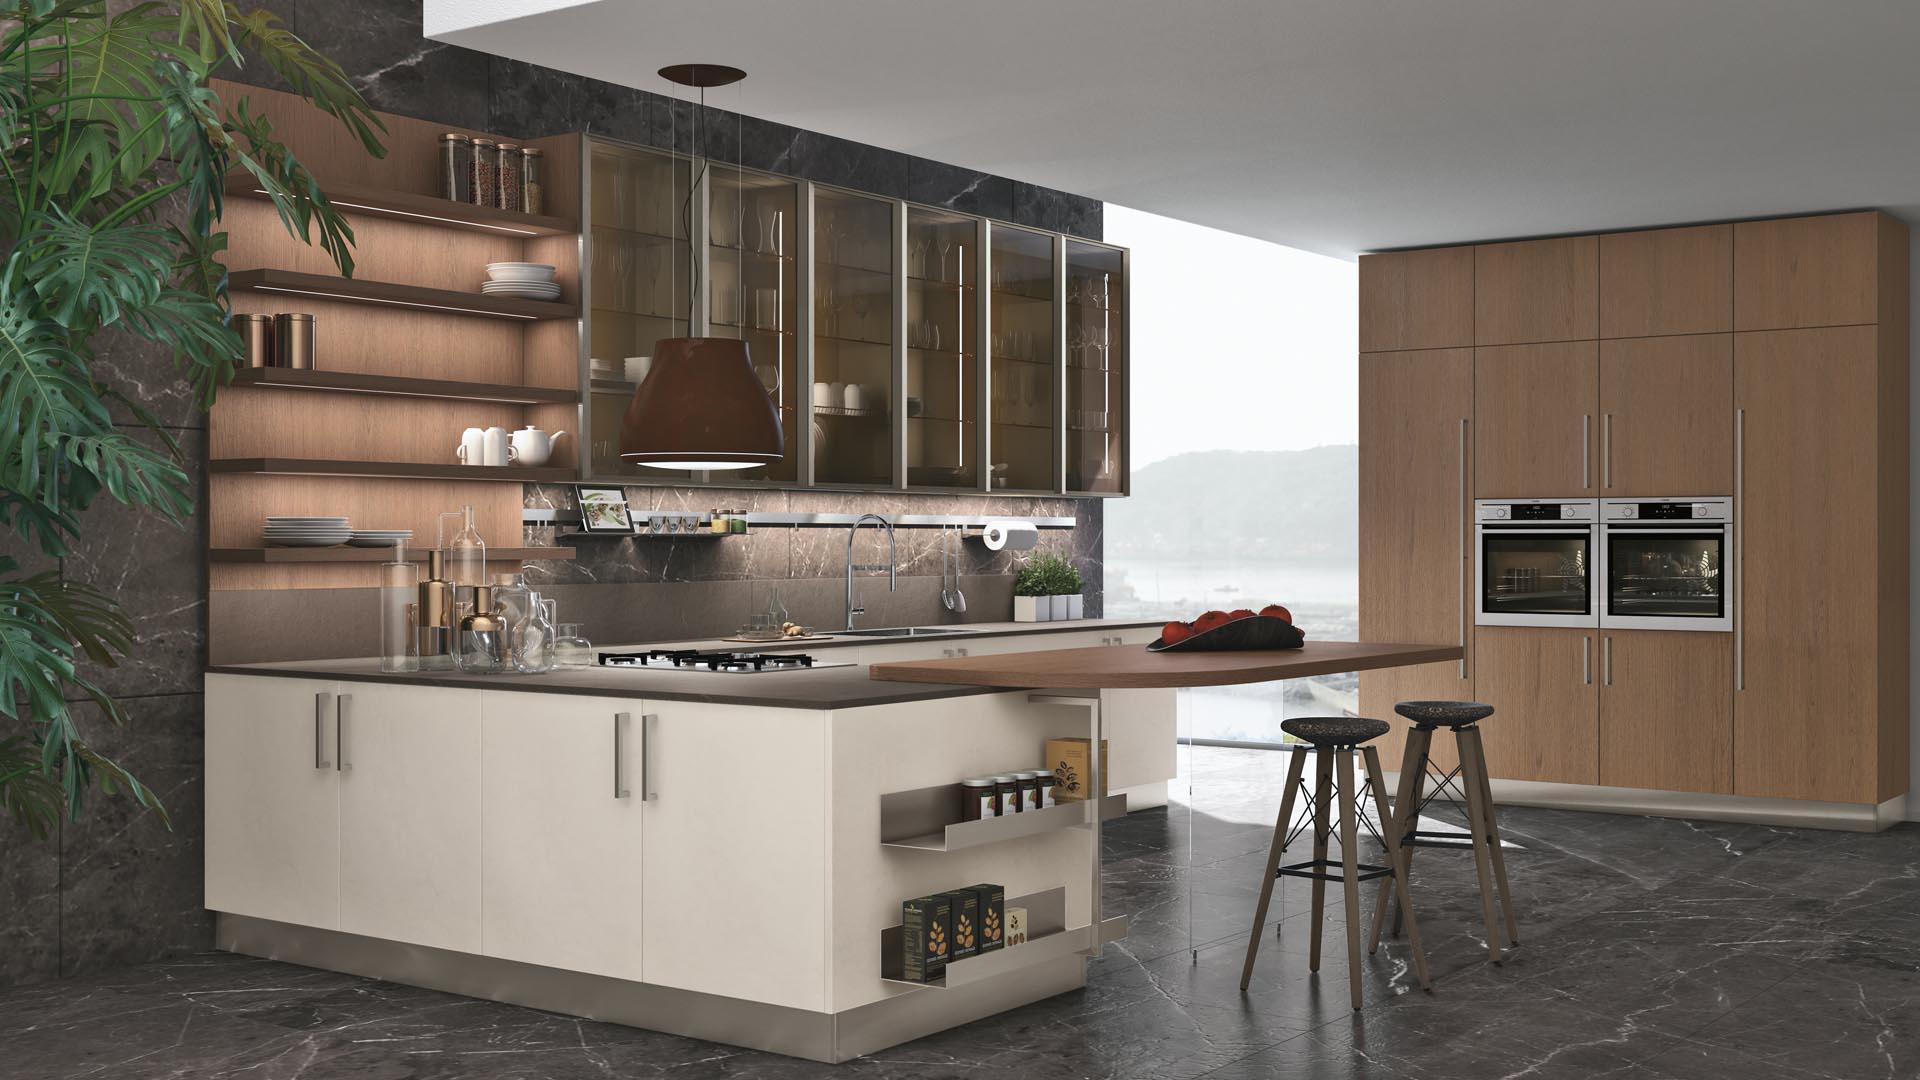 Preferenza Mobili & Arredo - Cucine Lube DZ94